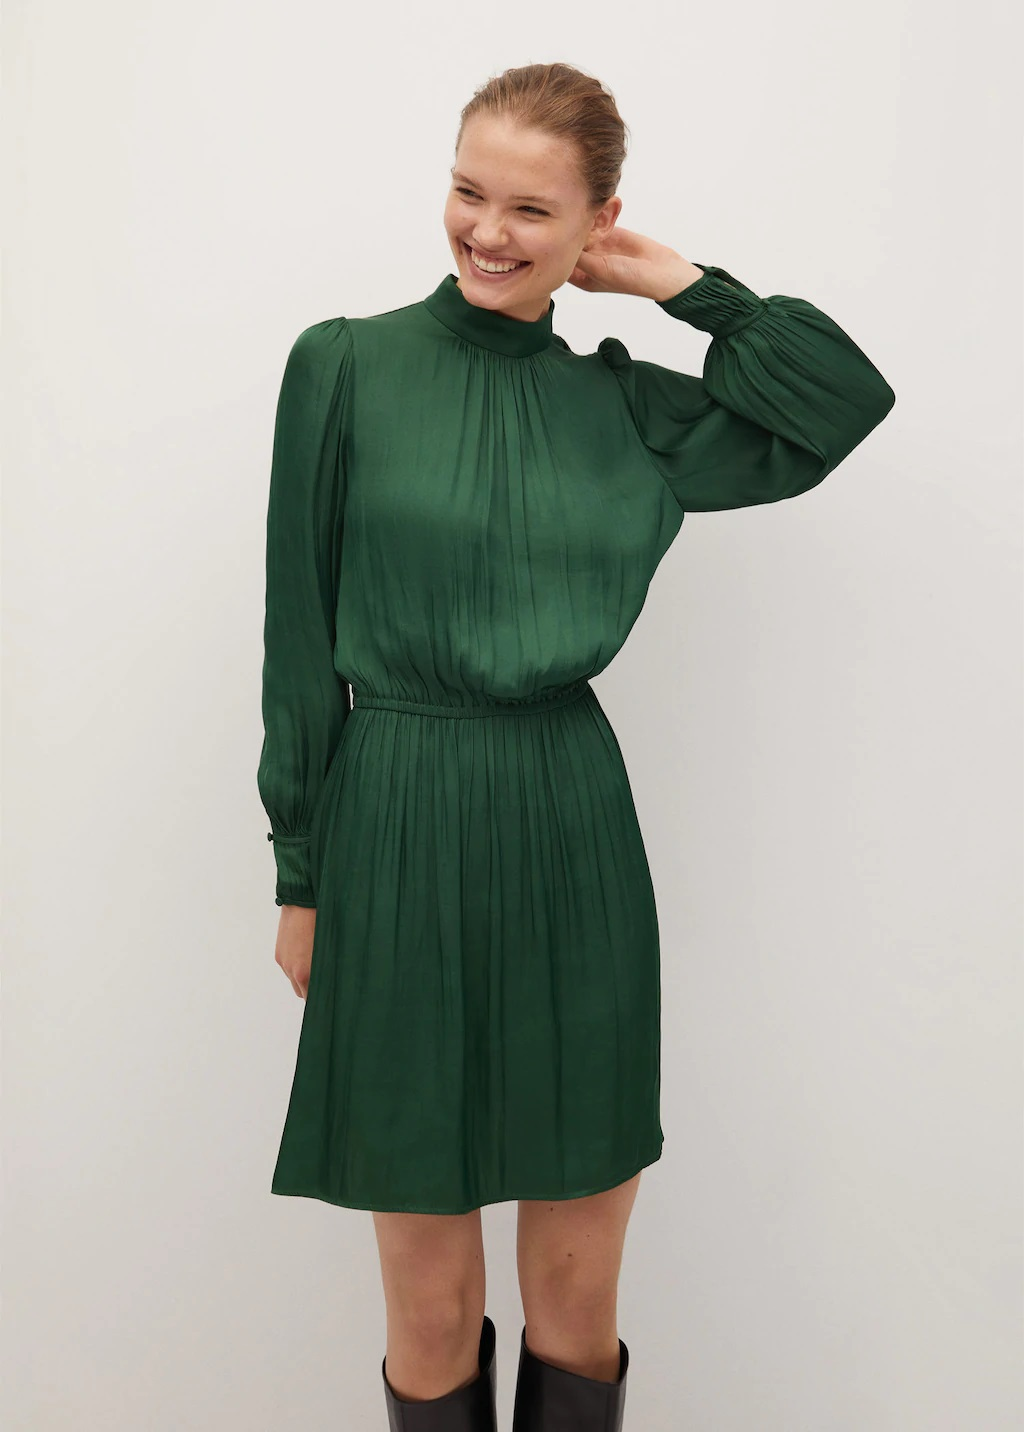 Leonor destaca en los Premios Princesa de Asturias con un vestido de Mango de 39,99 euros